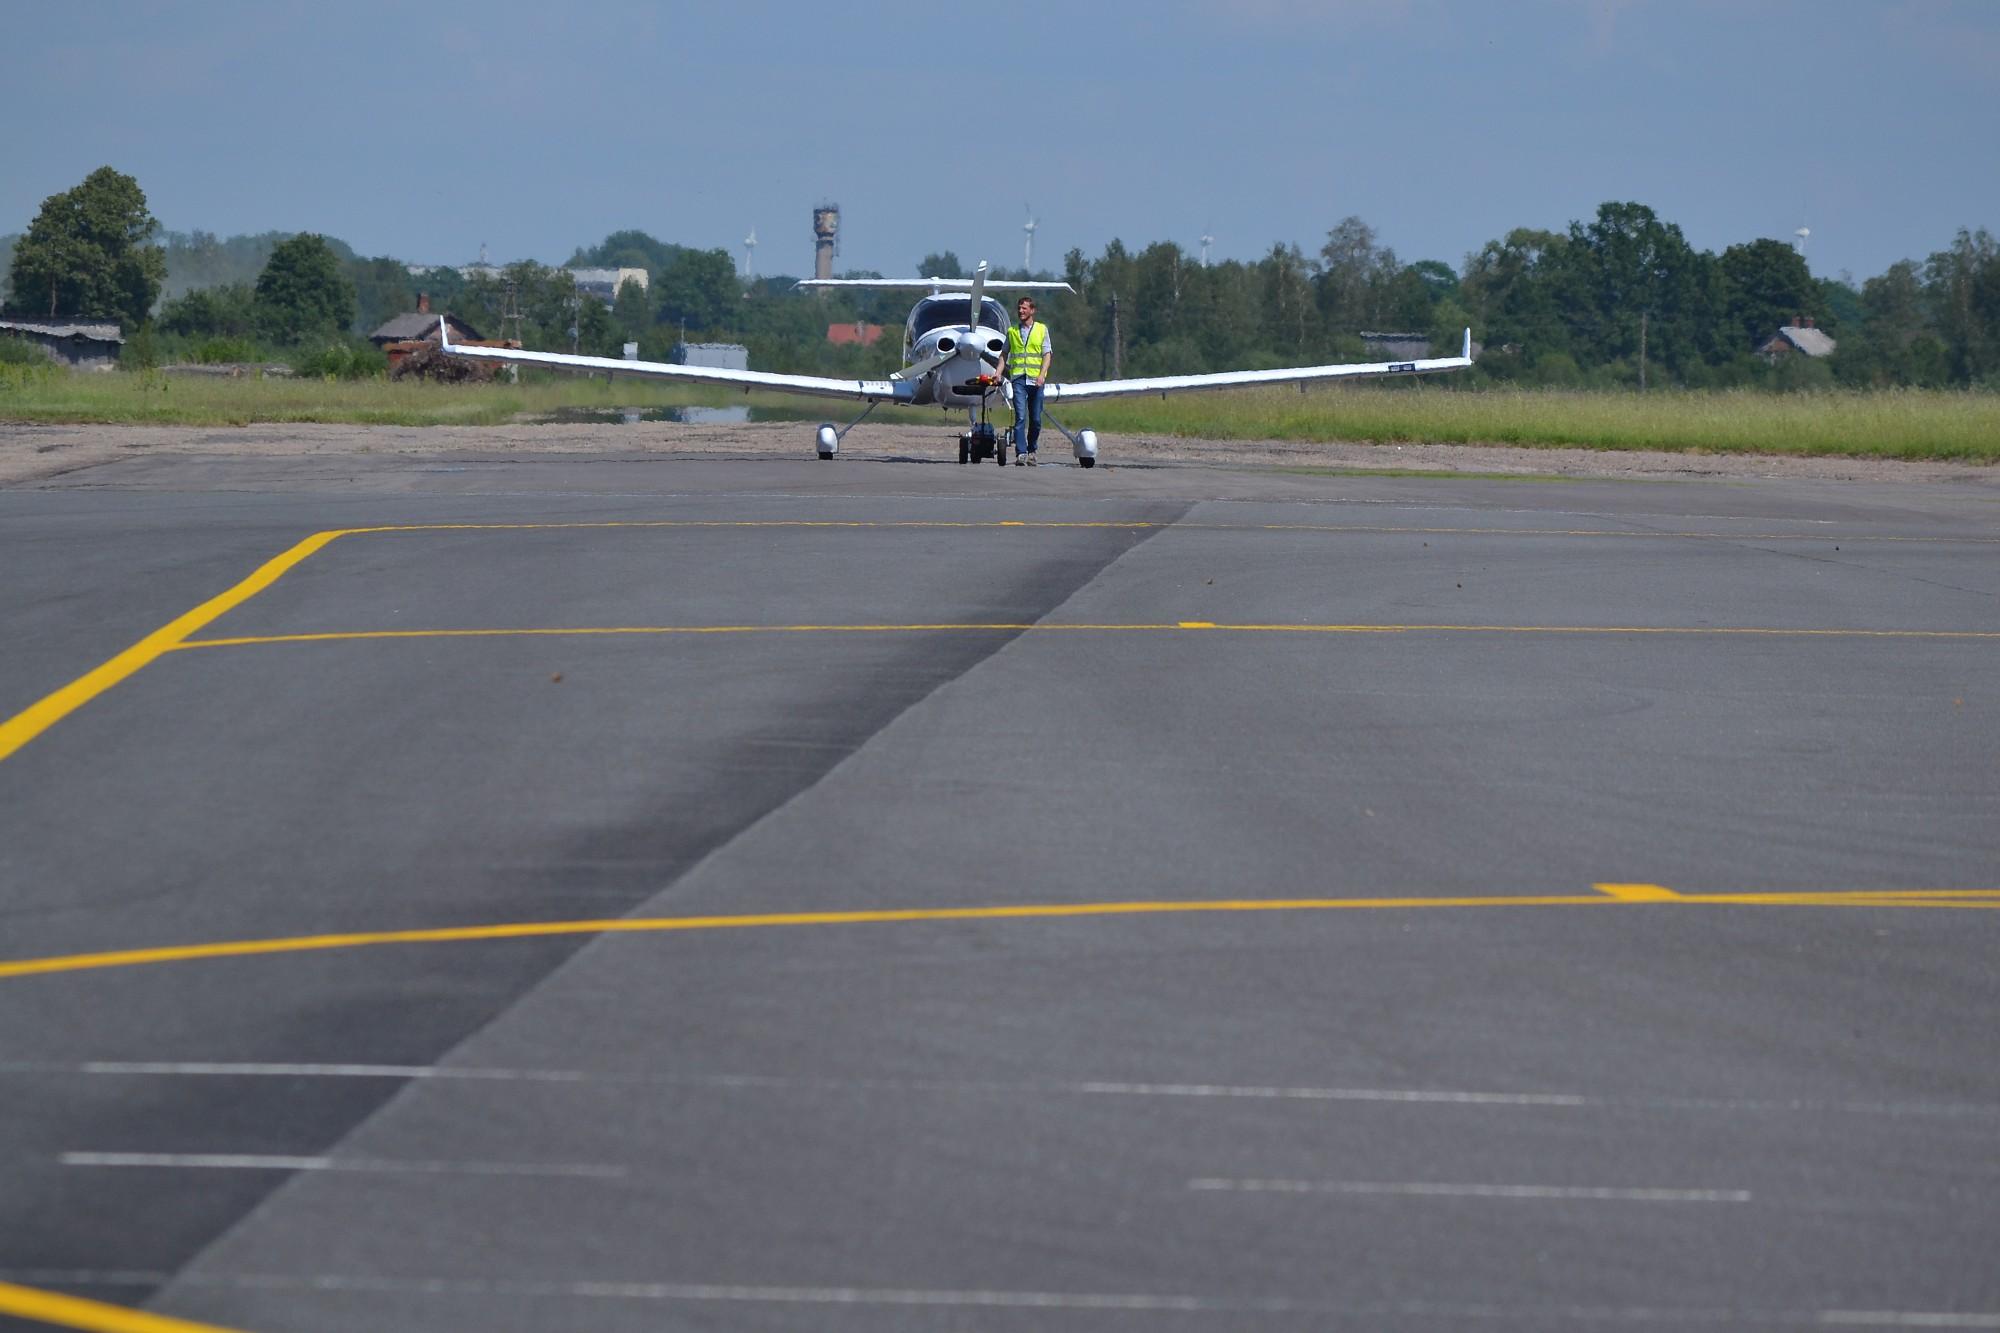 Liepājas lidostai joprojām nav izdevies piesaistīt jaunas aviokompānijas